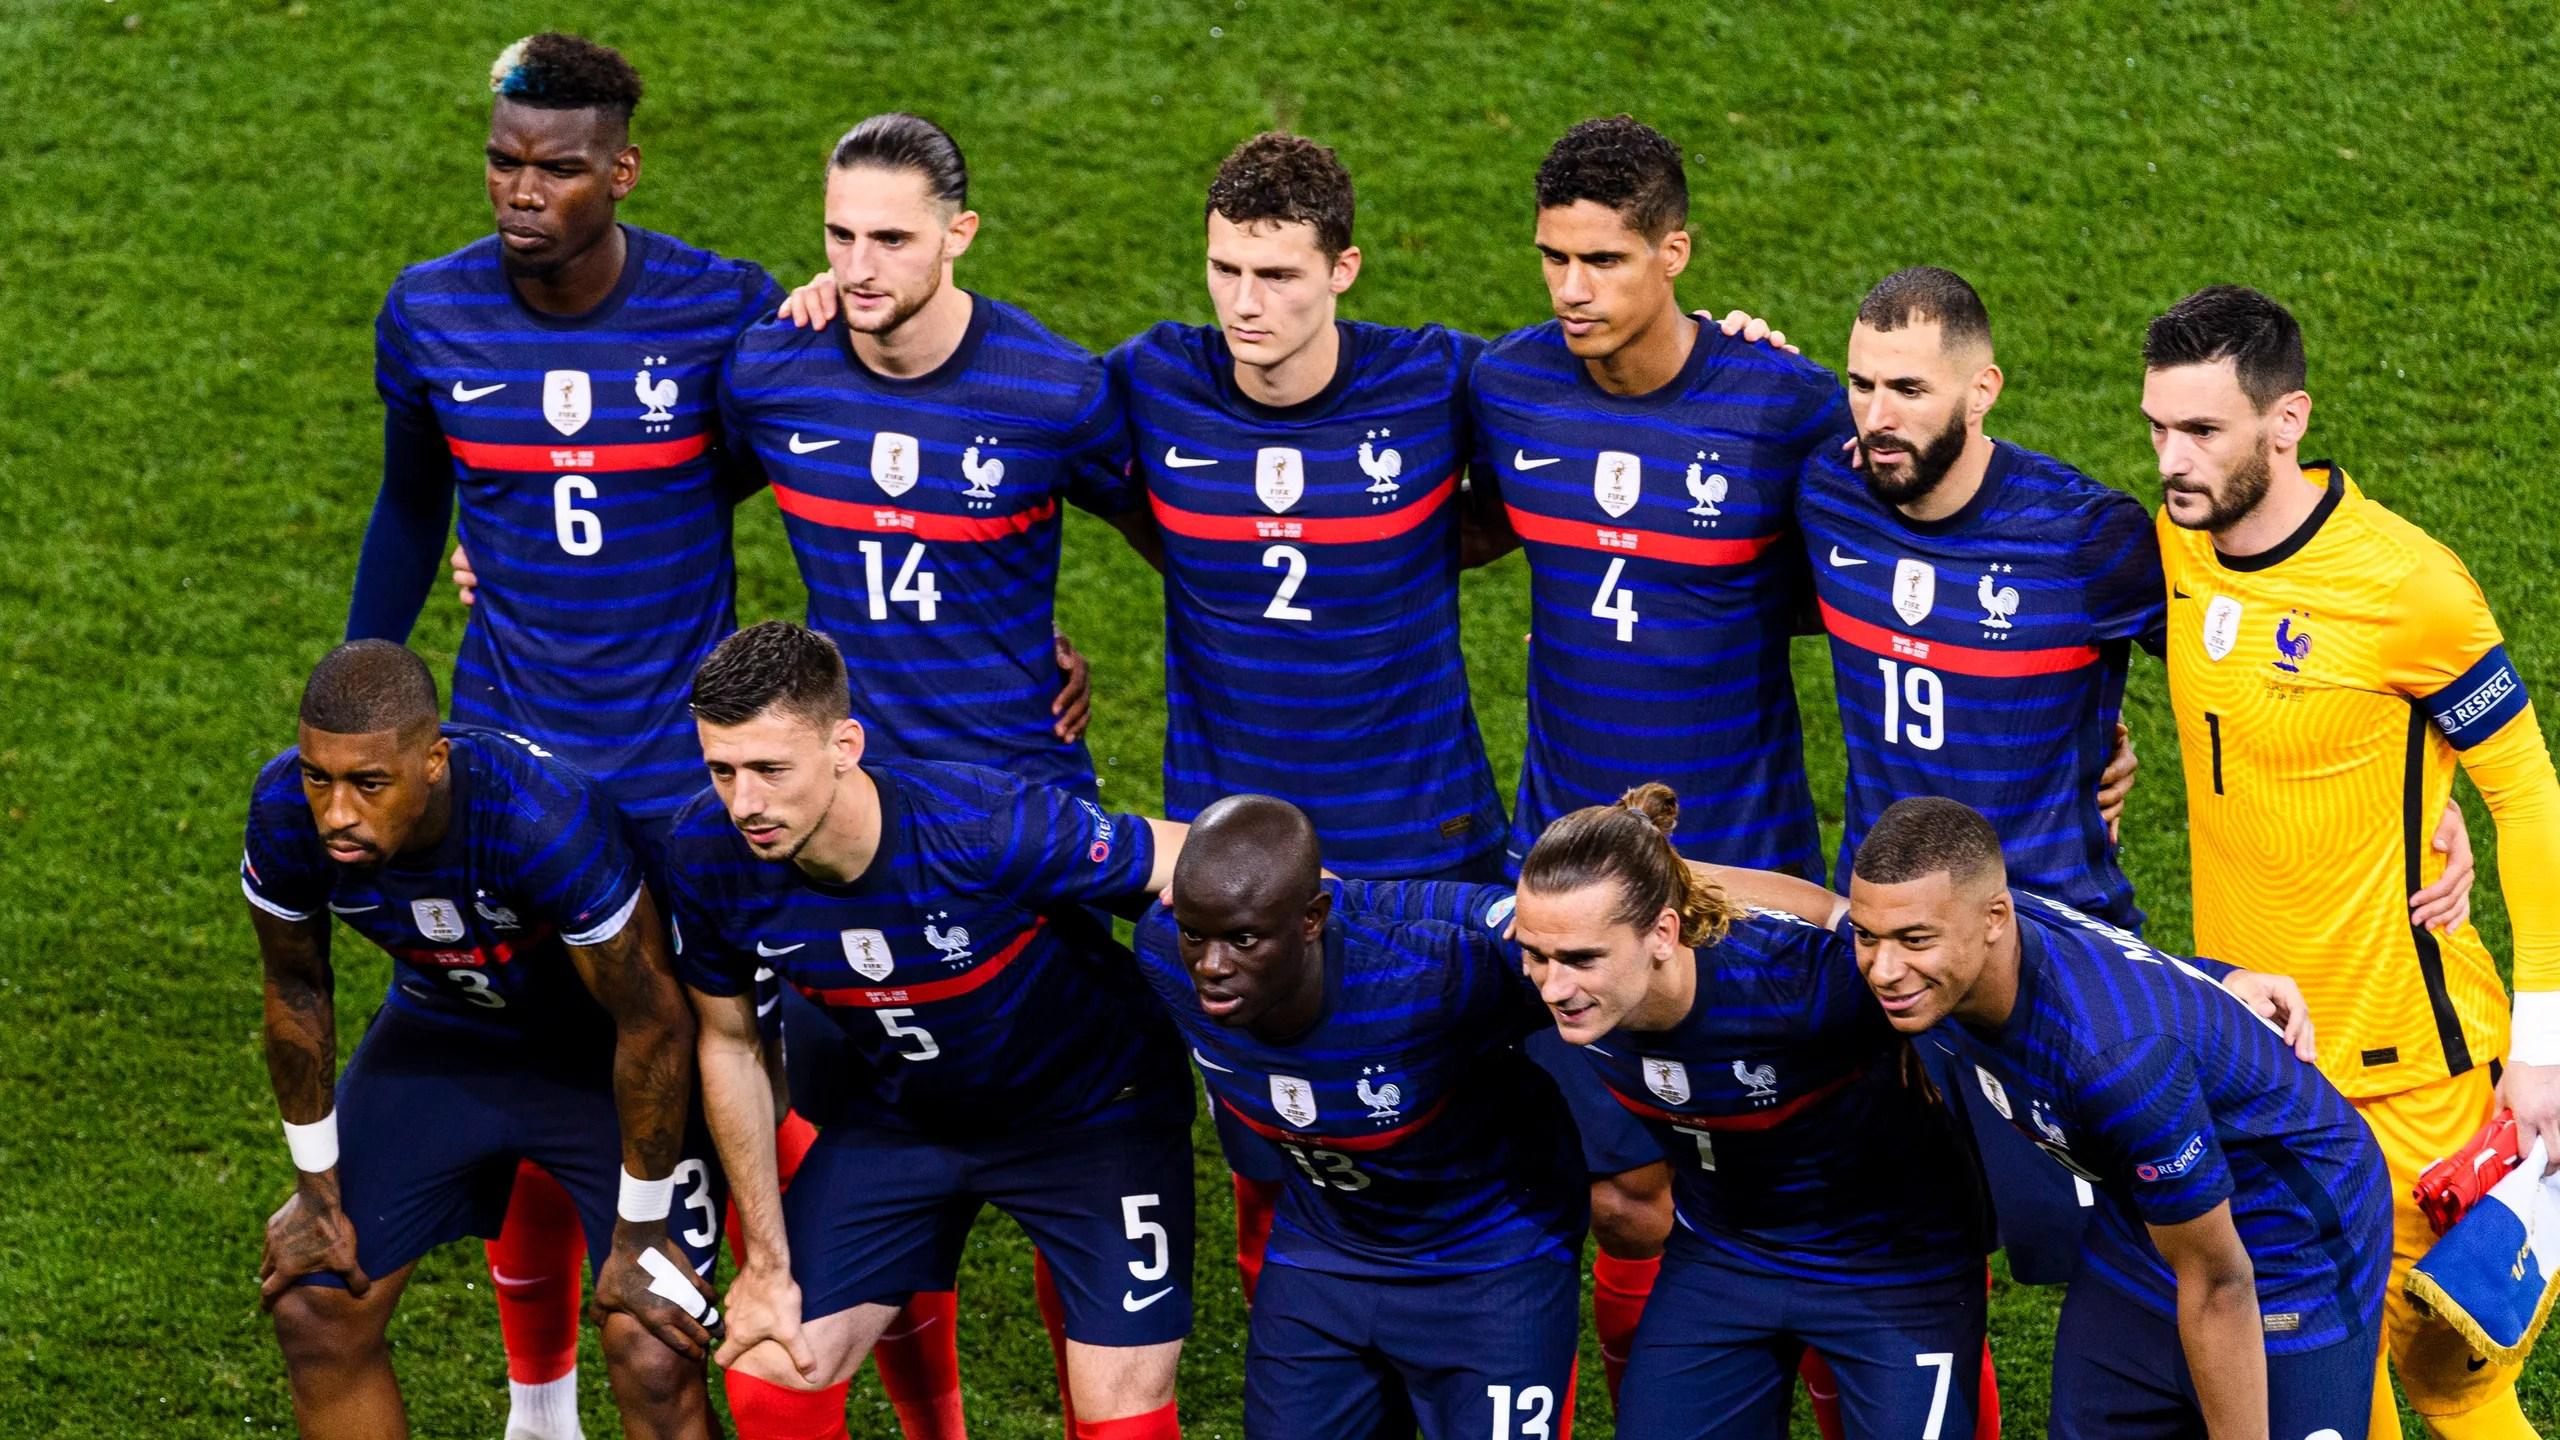 Équipe De France Euro 2021 . Apres L Euro 2021 Quels Seront Les Prochains Matchs De L Equipe De France Gq France